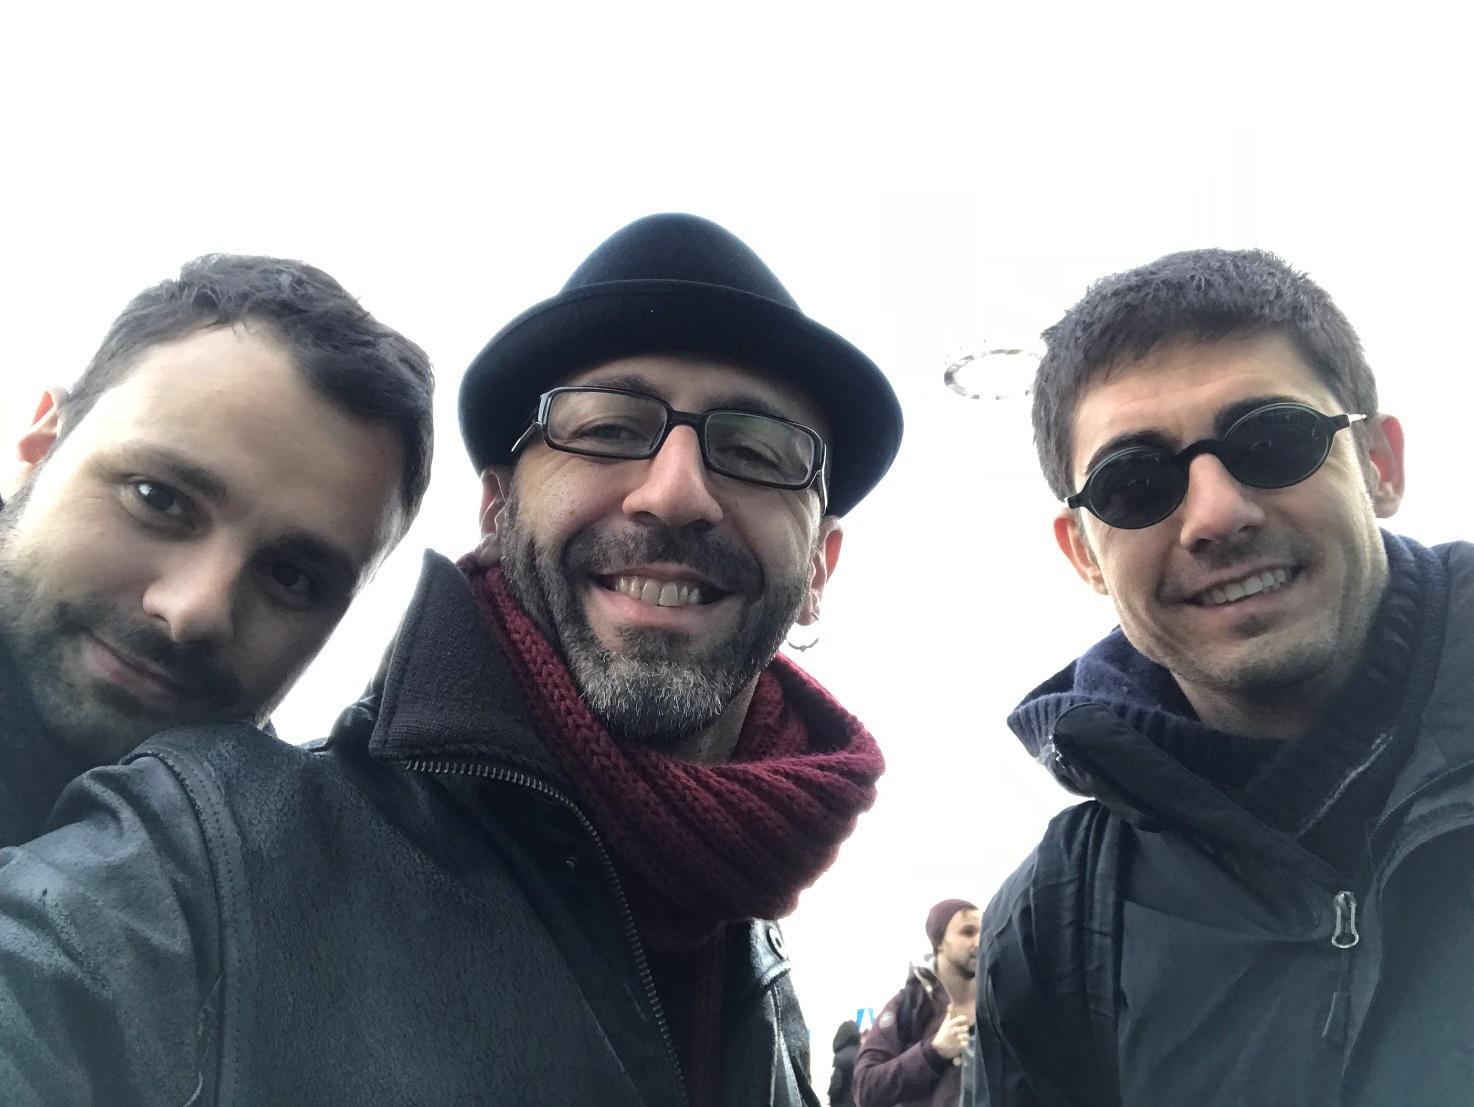 Luigi Blasioli</br>Diario di viaggio</br>Reportage